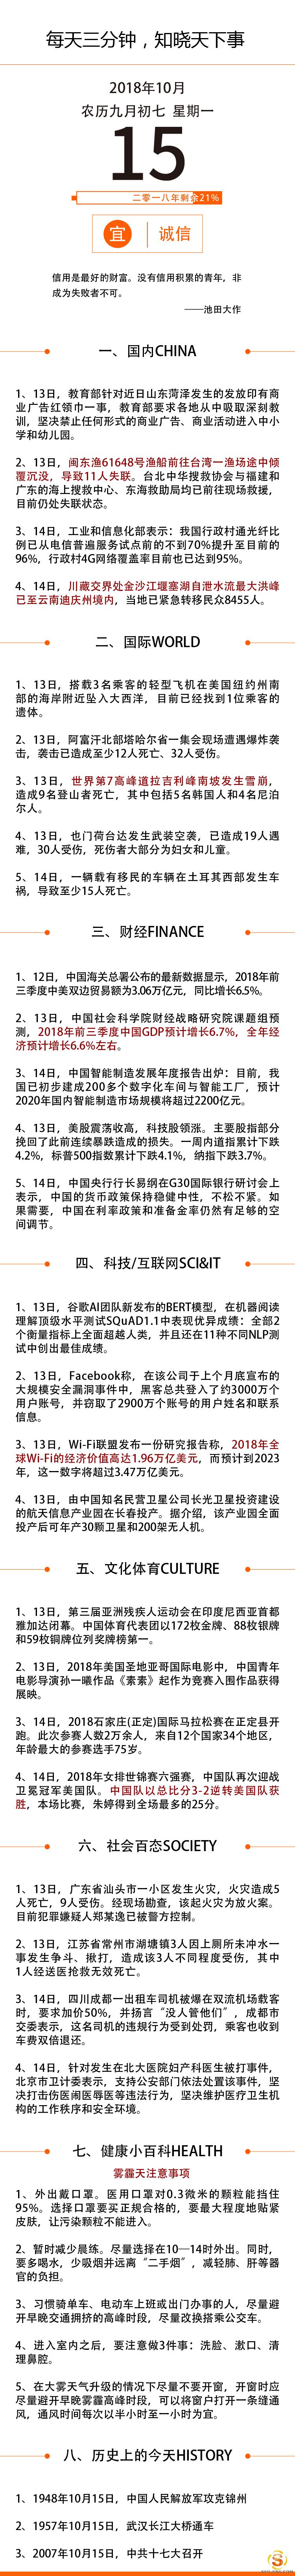 【网络营销顾问】2018年10月15日星期一国内外新闻资讯快报